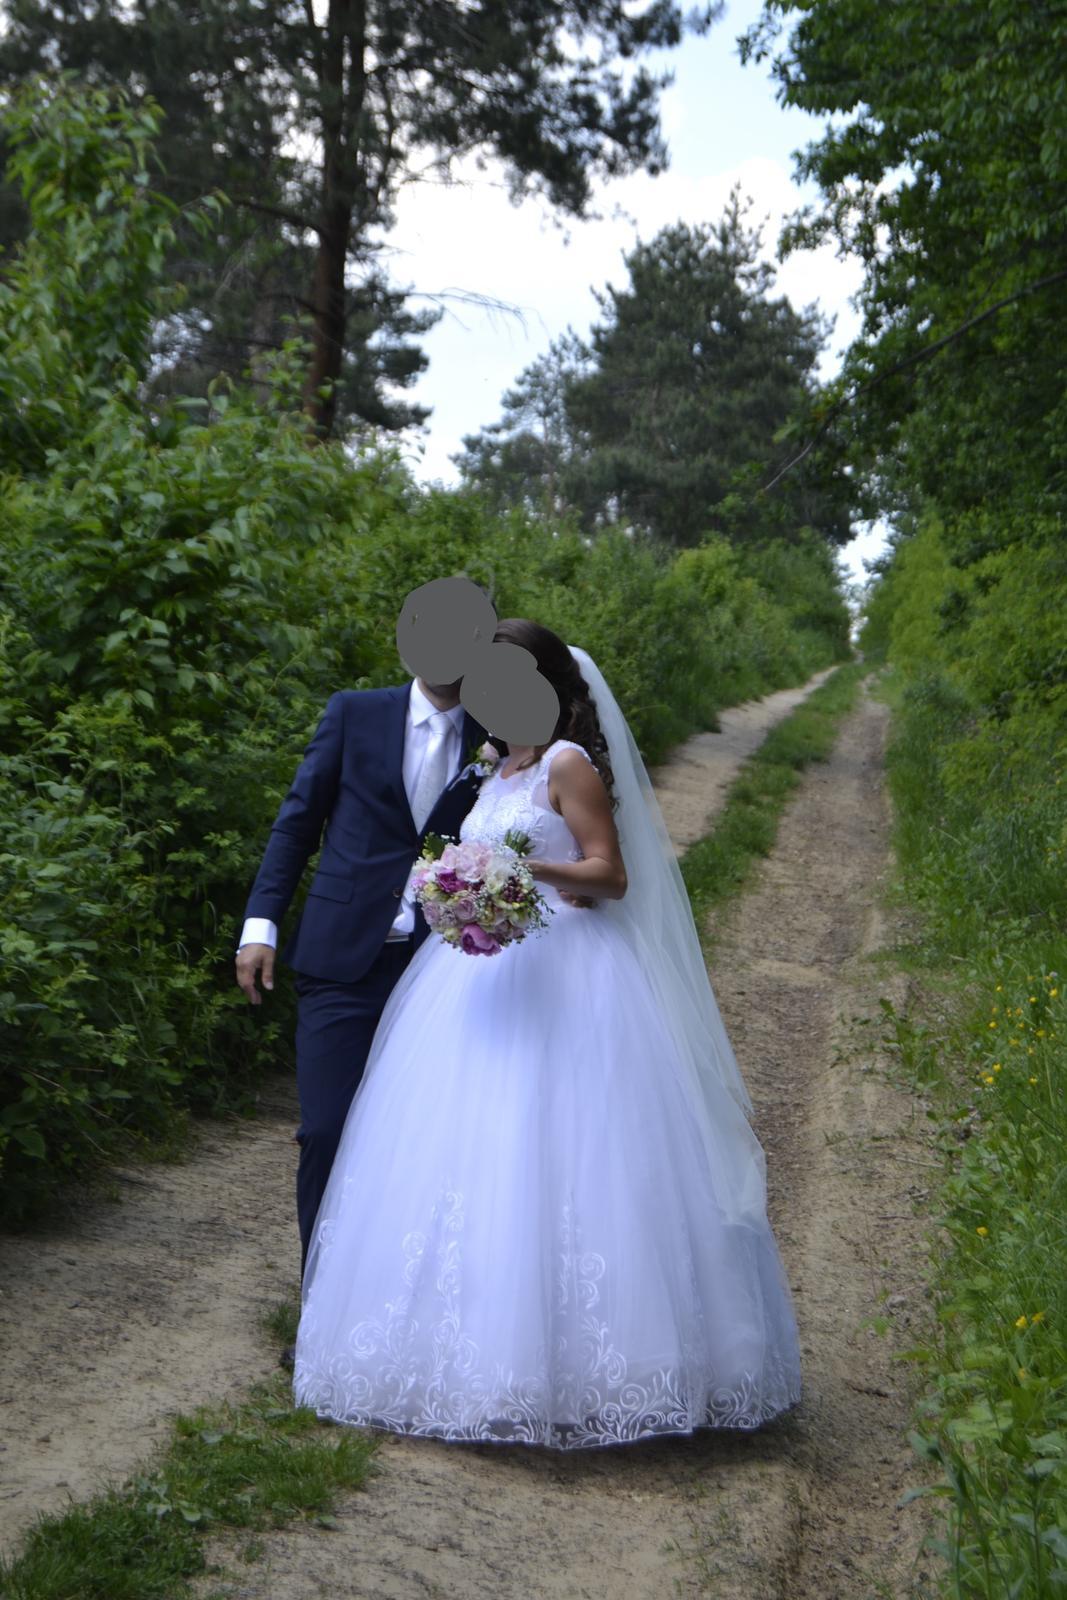 Snehovo biele svadobné šaty - Obrázok č. 1